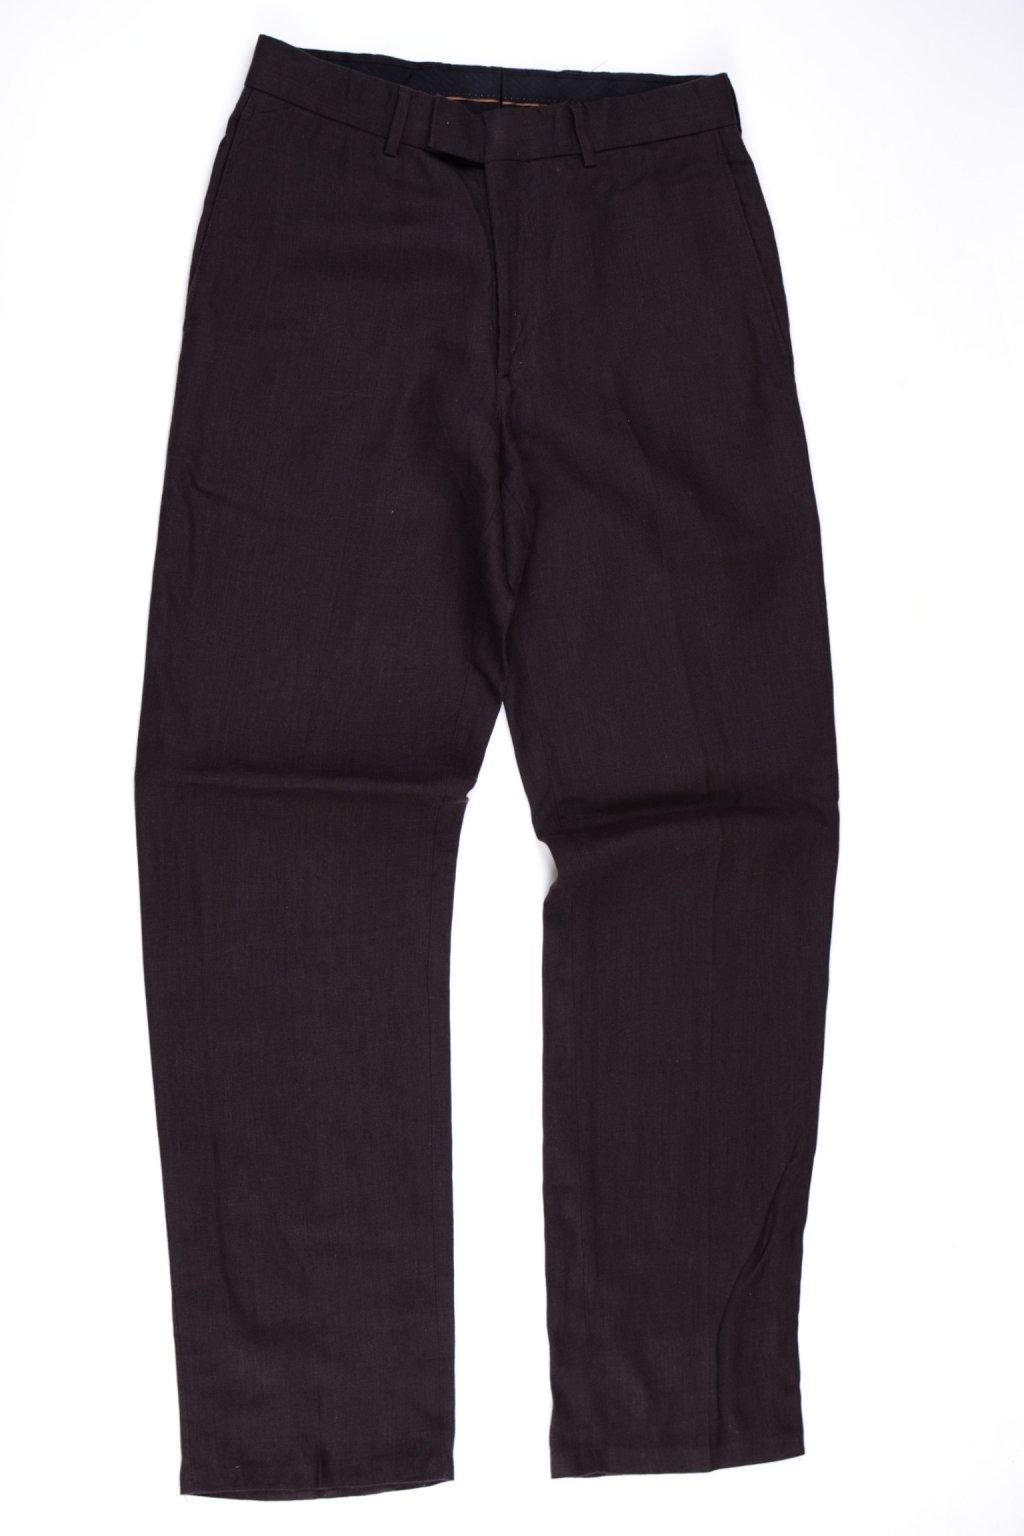 Kalhoty Next pánské hnědé vel S/ 30R 76cm 38